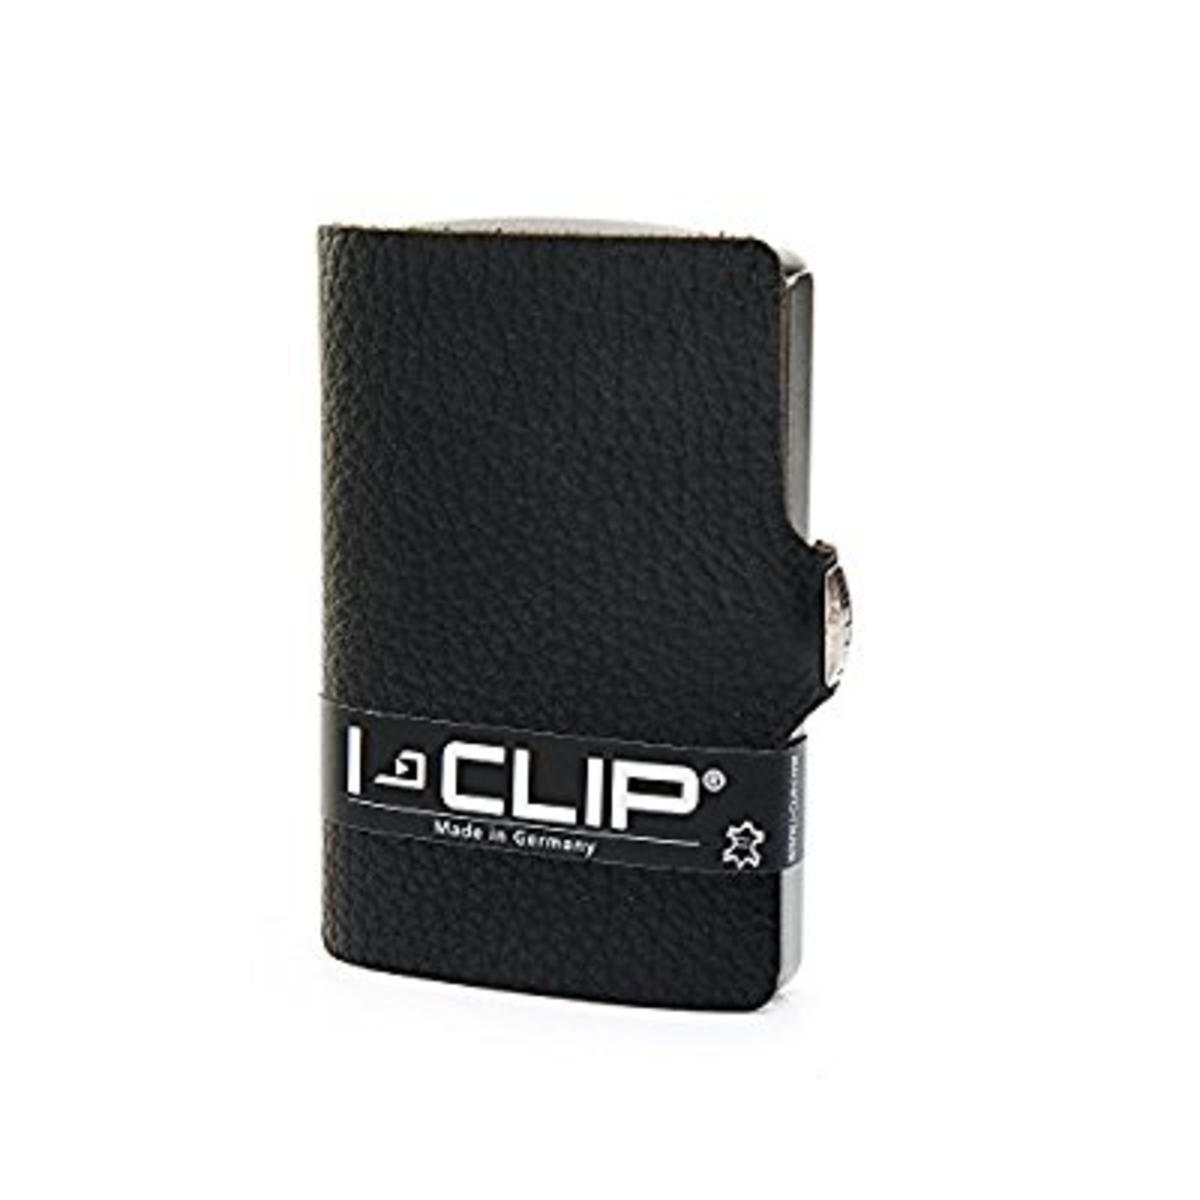 I-CLIP Geldbörse Robutense Leder